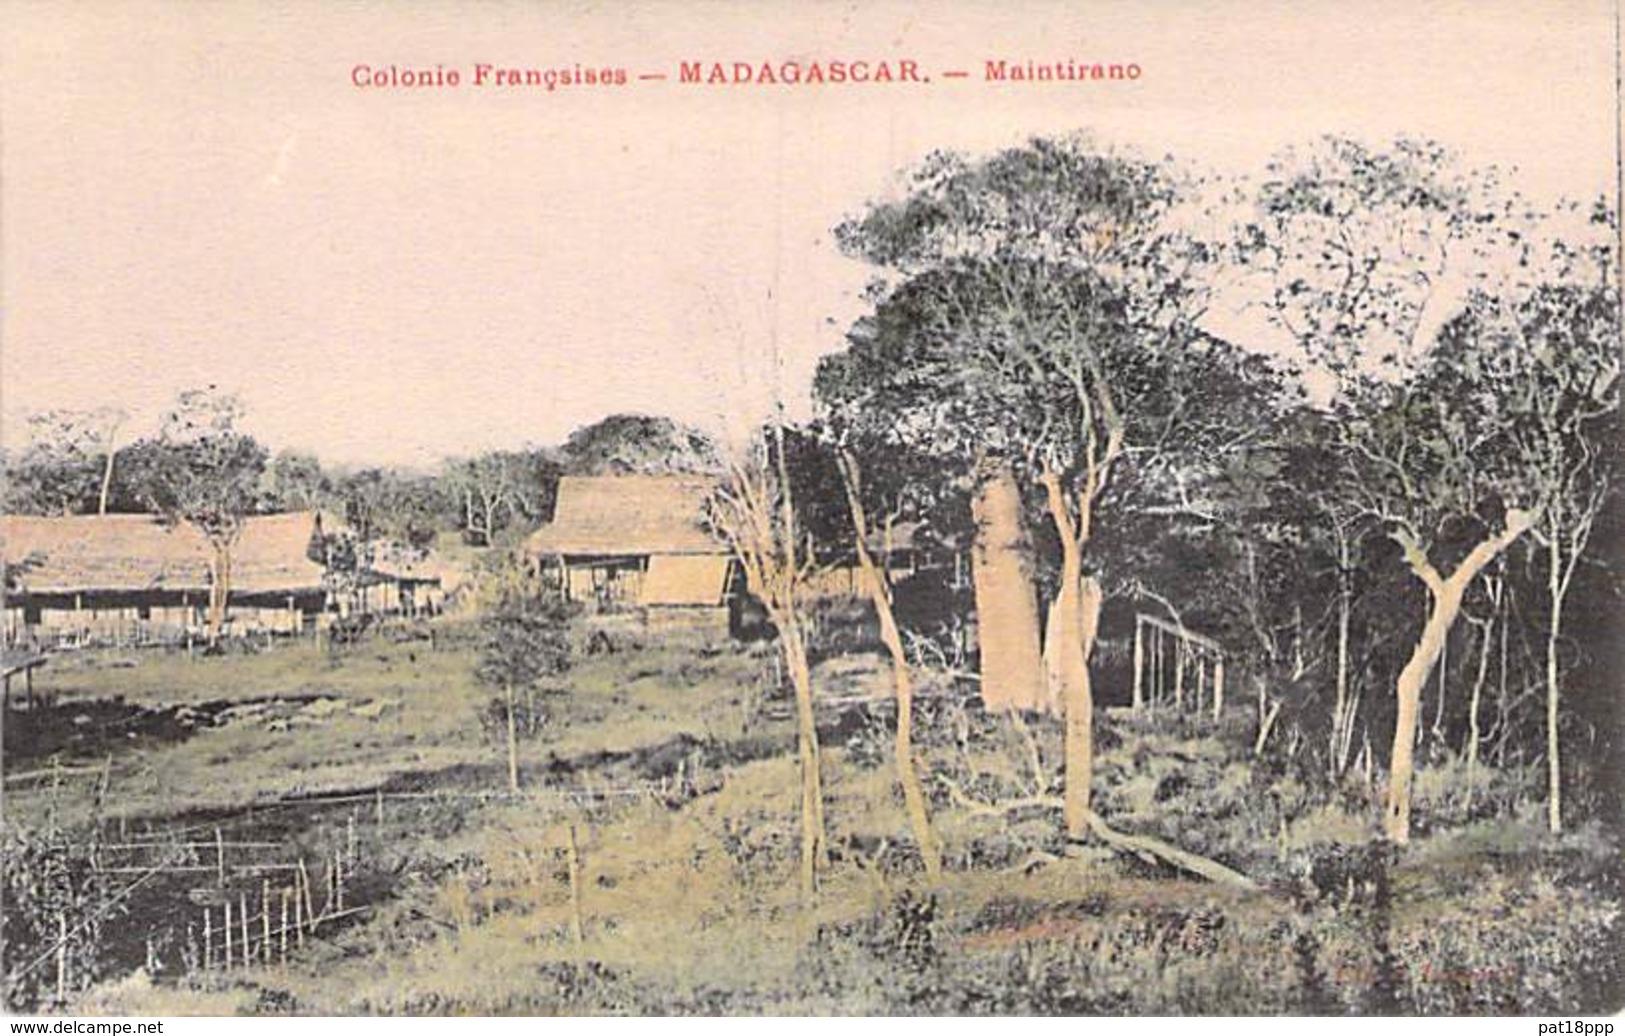 MADAGASCAR - Maintirano - Jolie CPA Colorisée - Afrique Noire - Madagascar